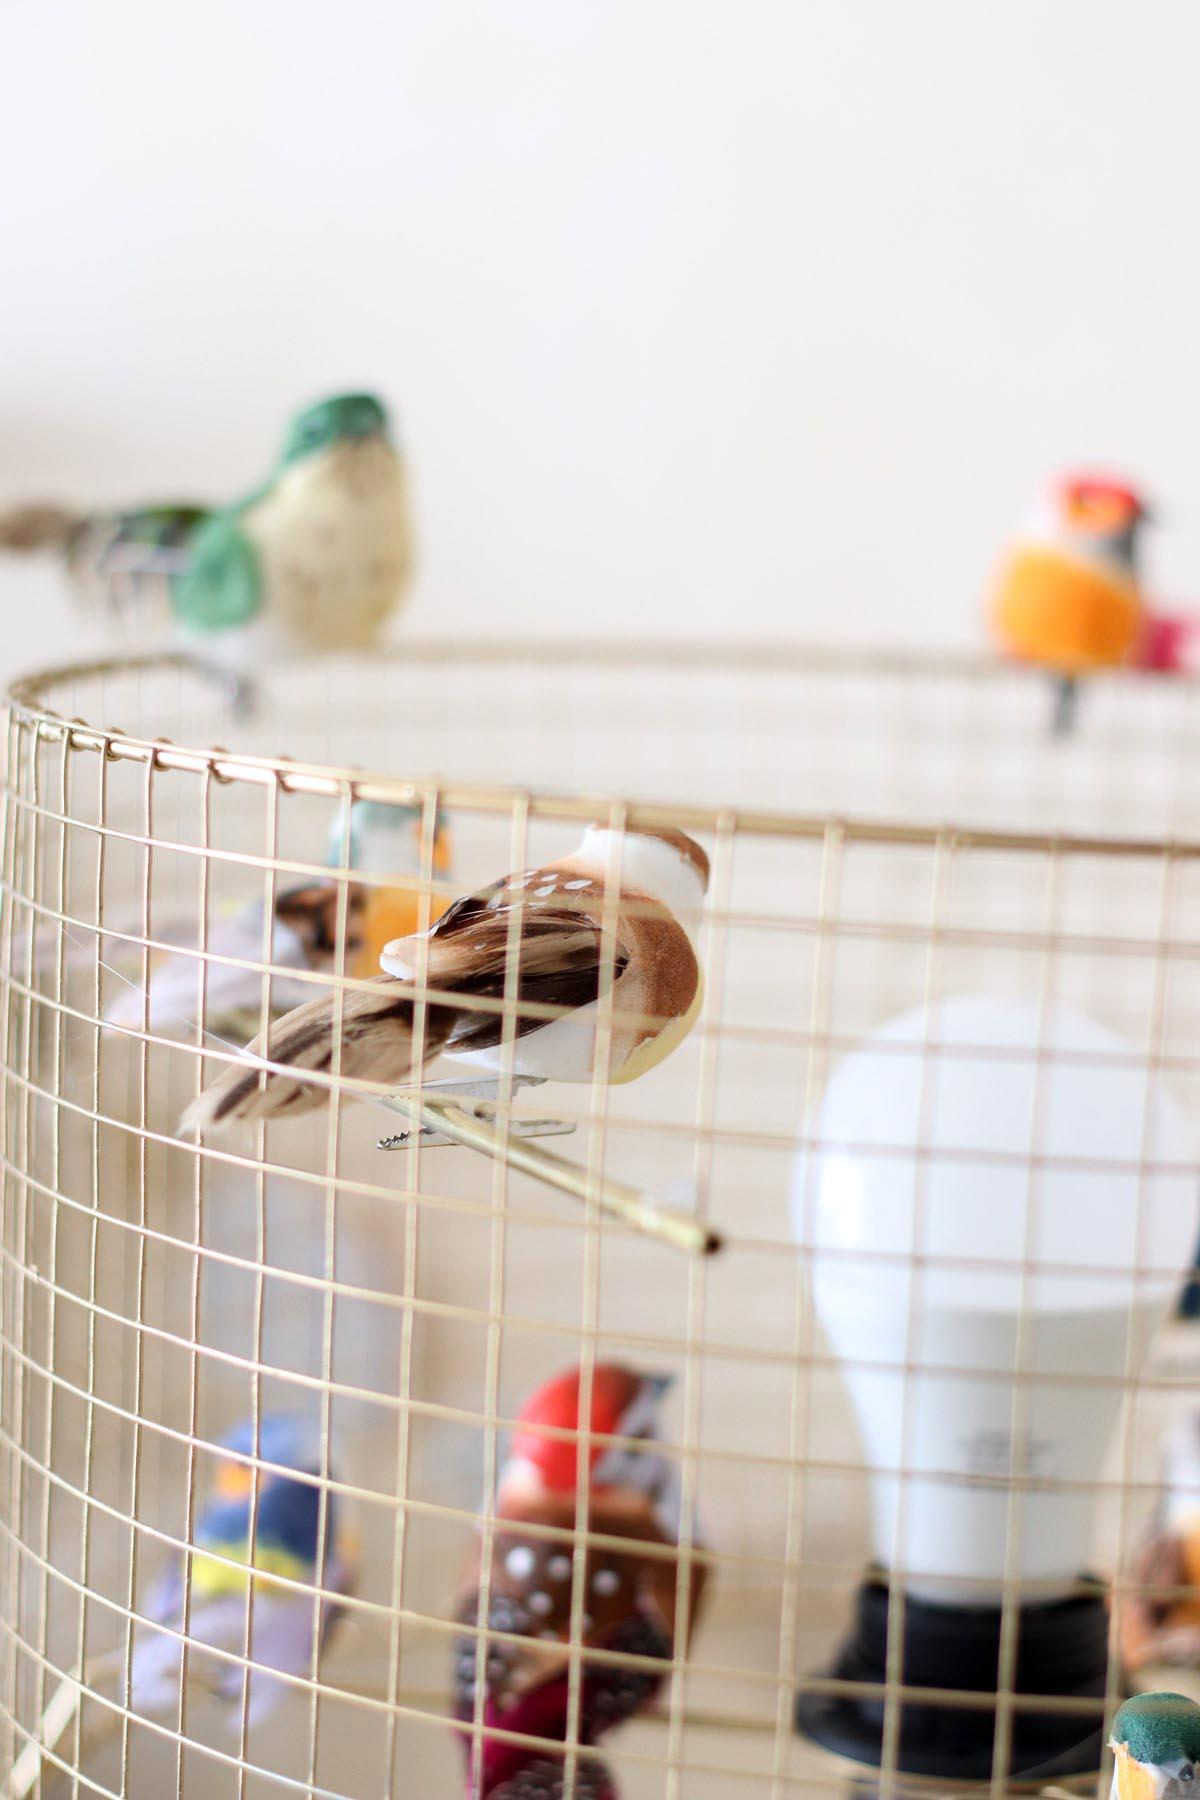 Diy abat jour cage oiseaux - Repeindre un abat jour ...